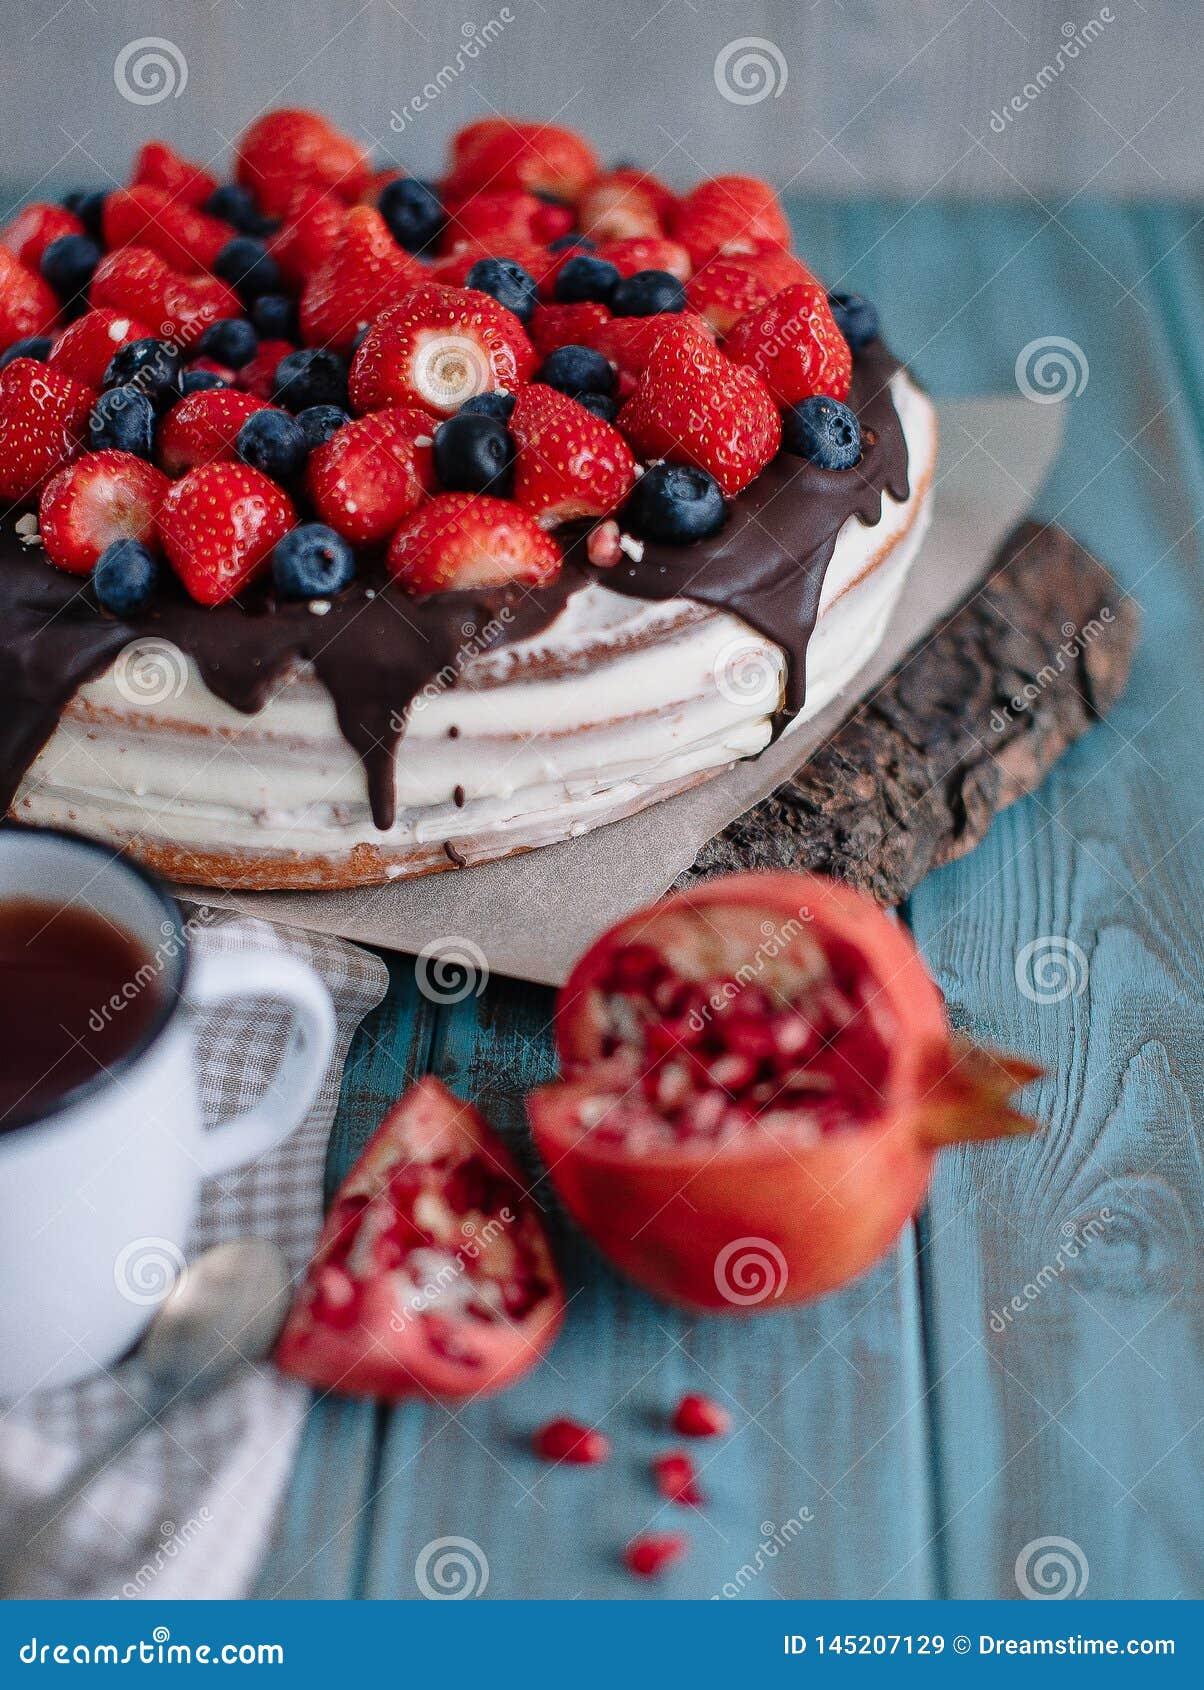 Chocoladecake met bessen en munt op de tribune